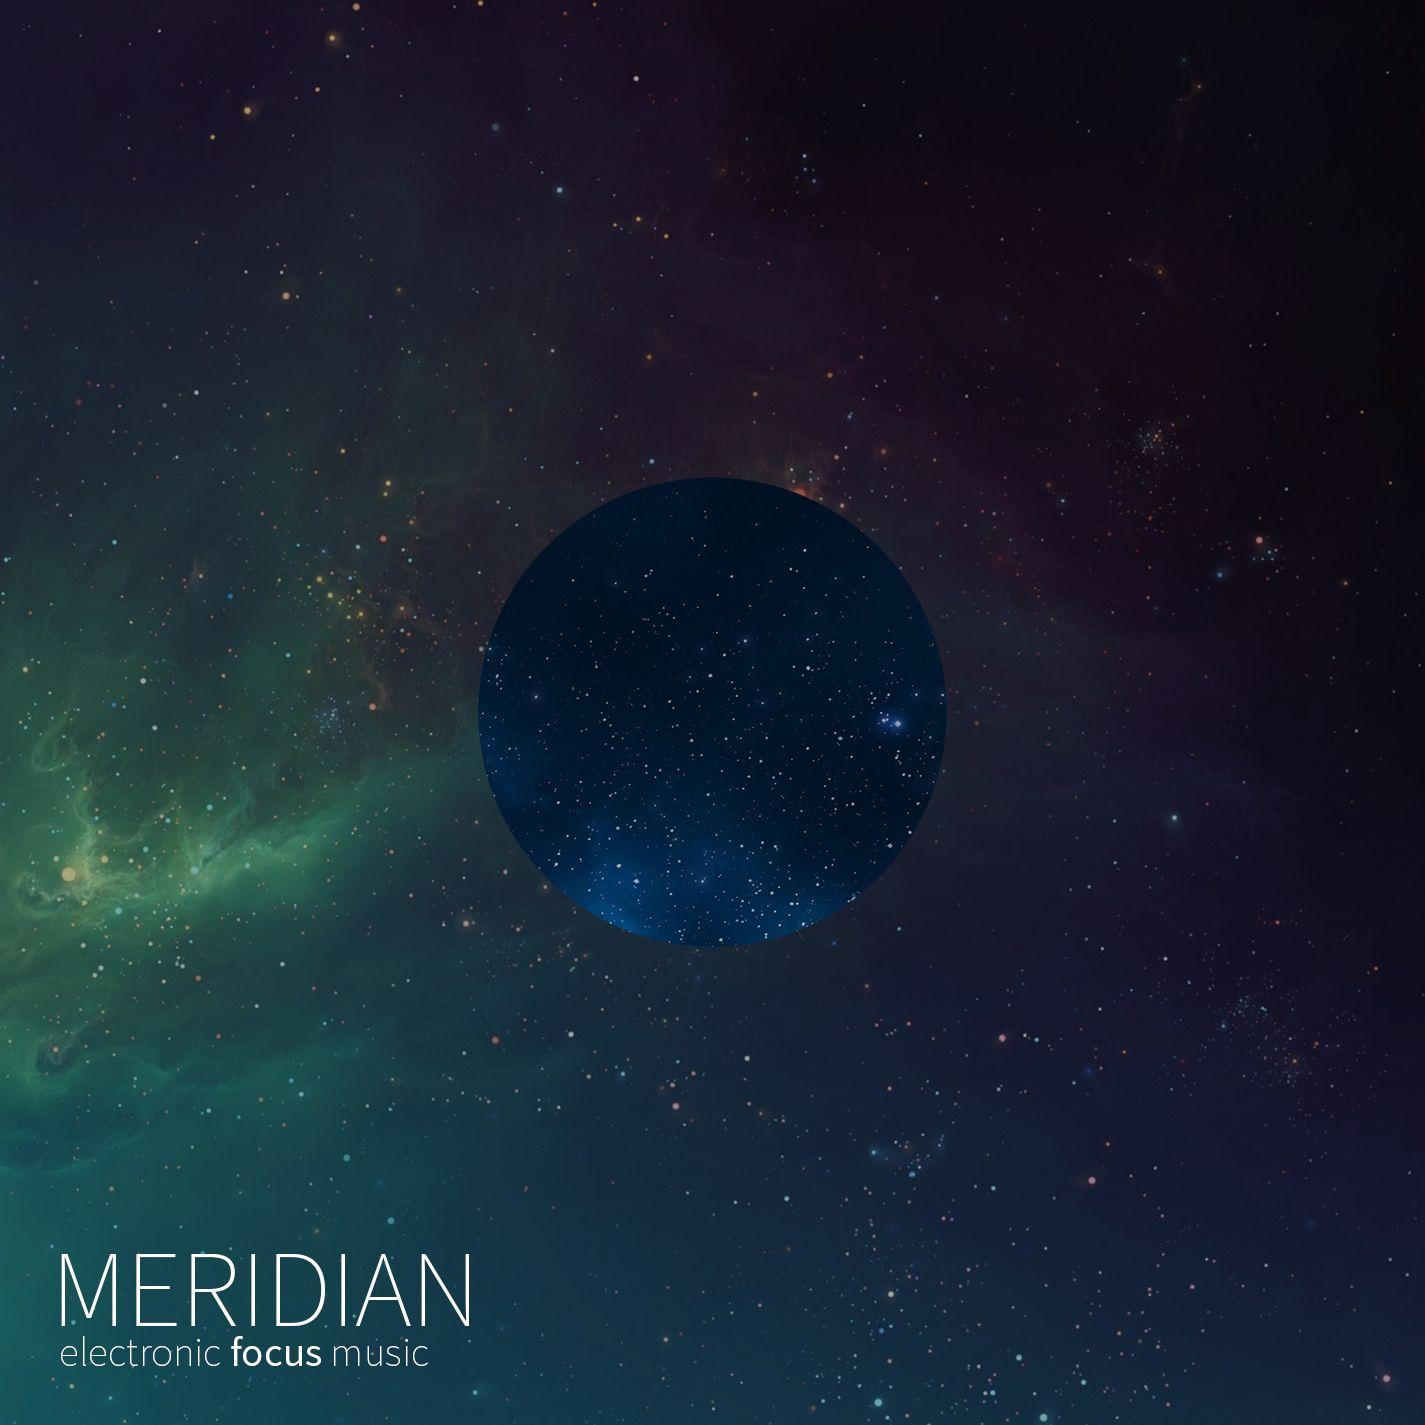 Meridian's album cover